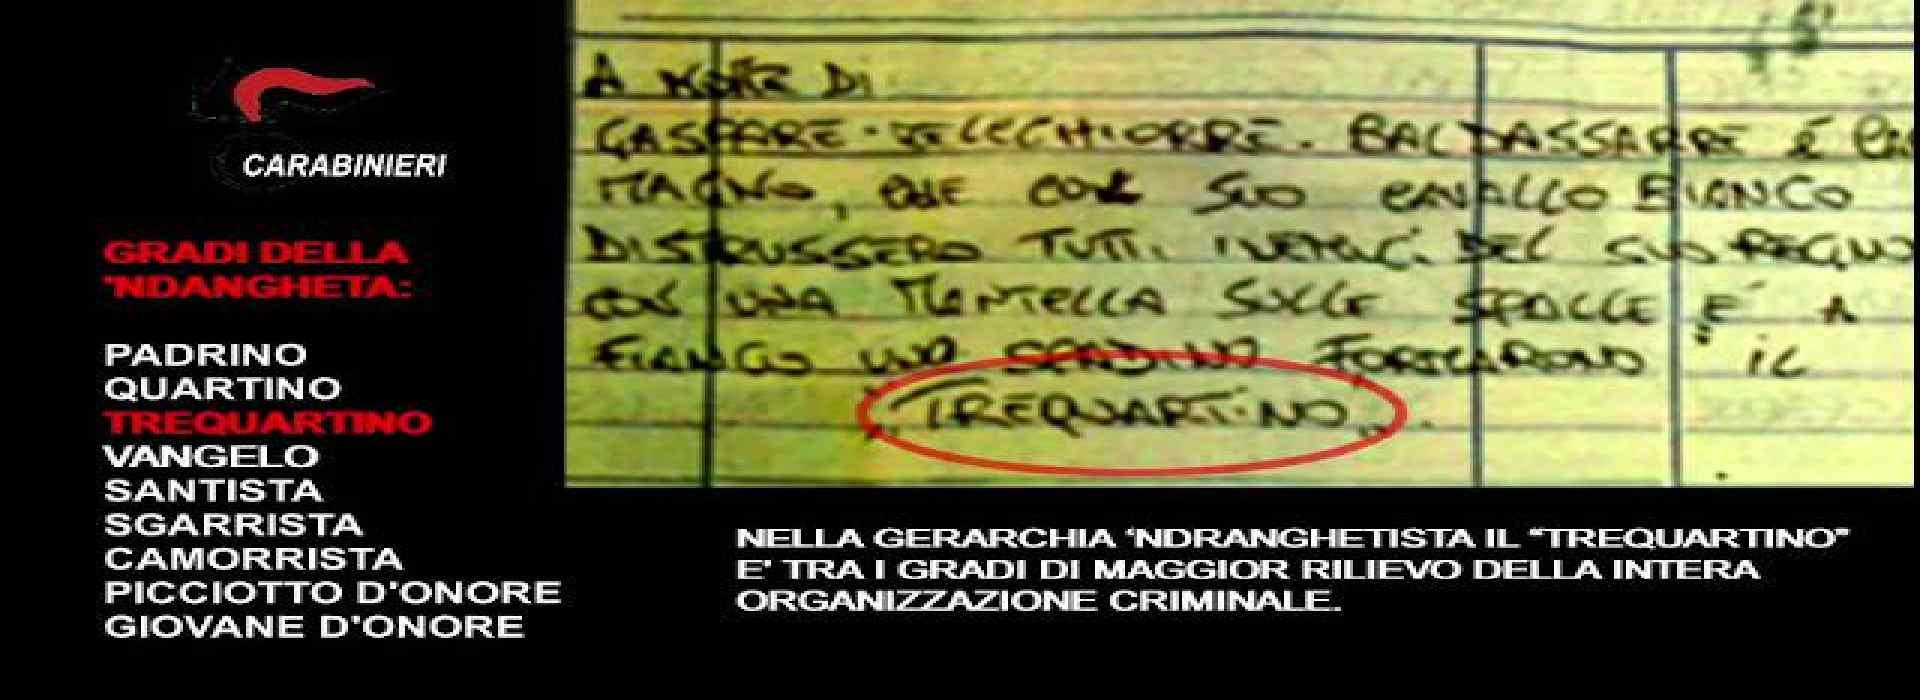 'Ndrangheta Italiana